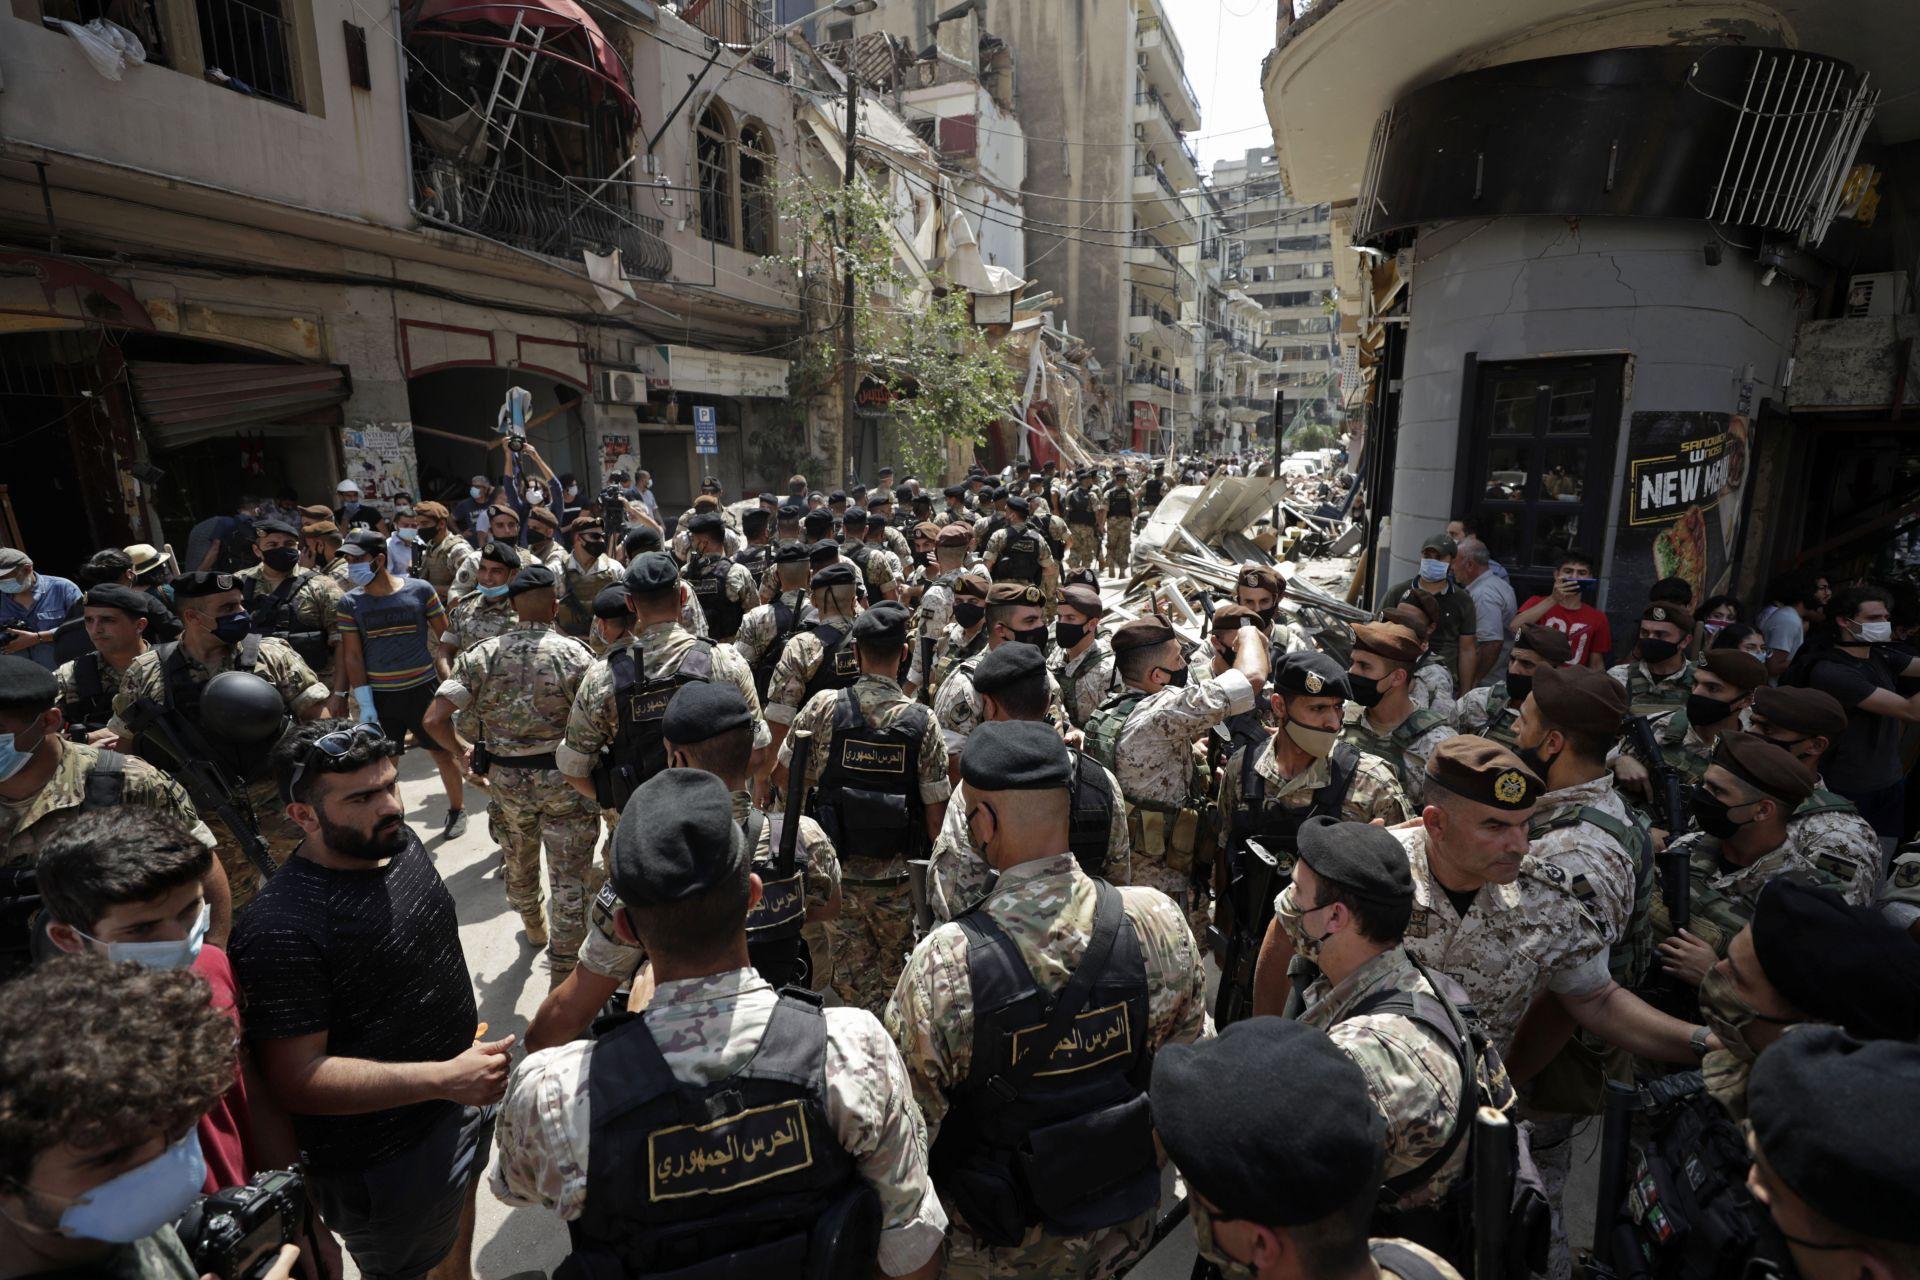 Ливанските войници блокират път и се сражават с гневни жители, тъй като френският президент посещава квартала Джемайзе, който претърпя големи щети от експлозията